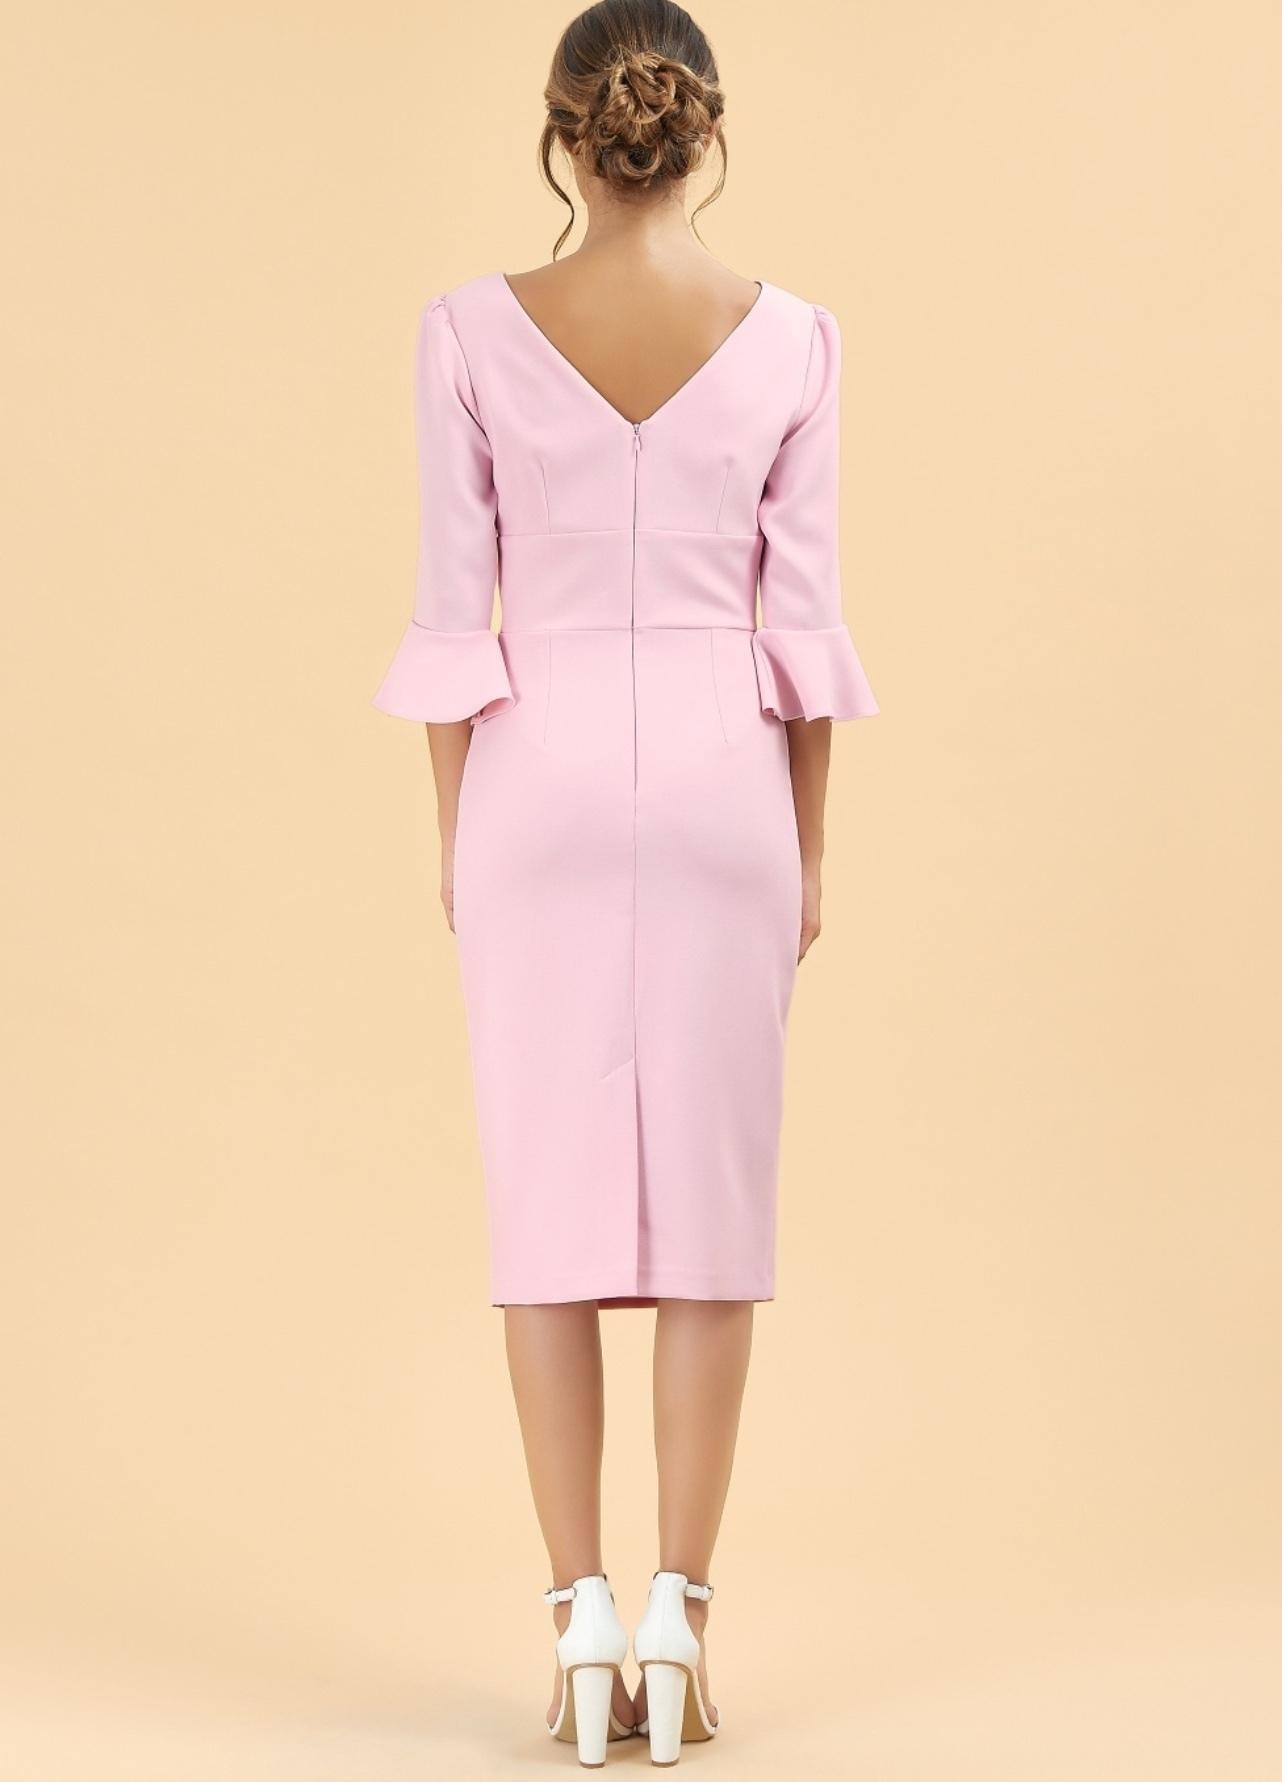 Odelle Dress in Pale Pink